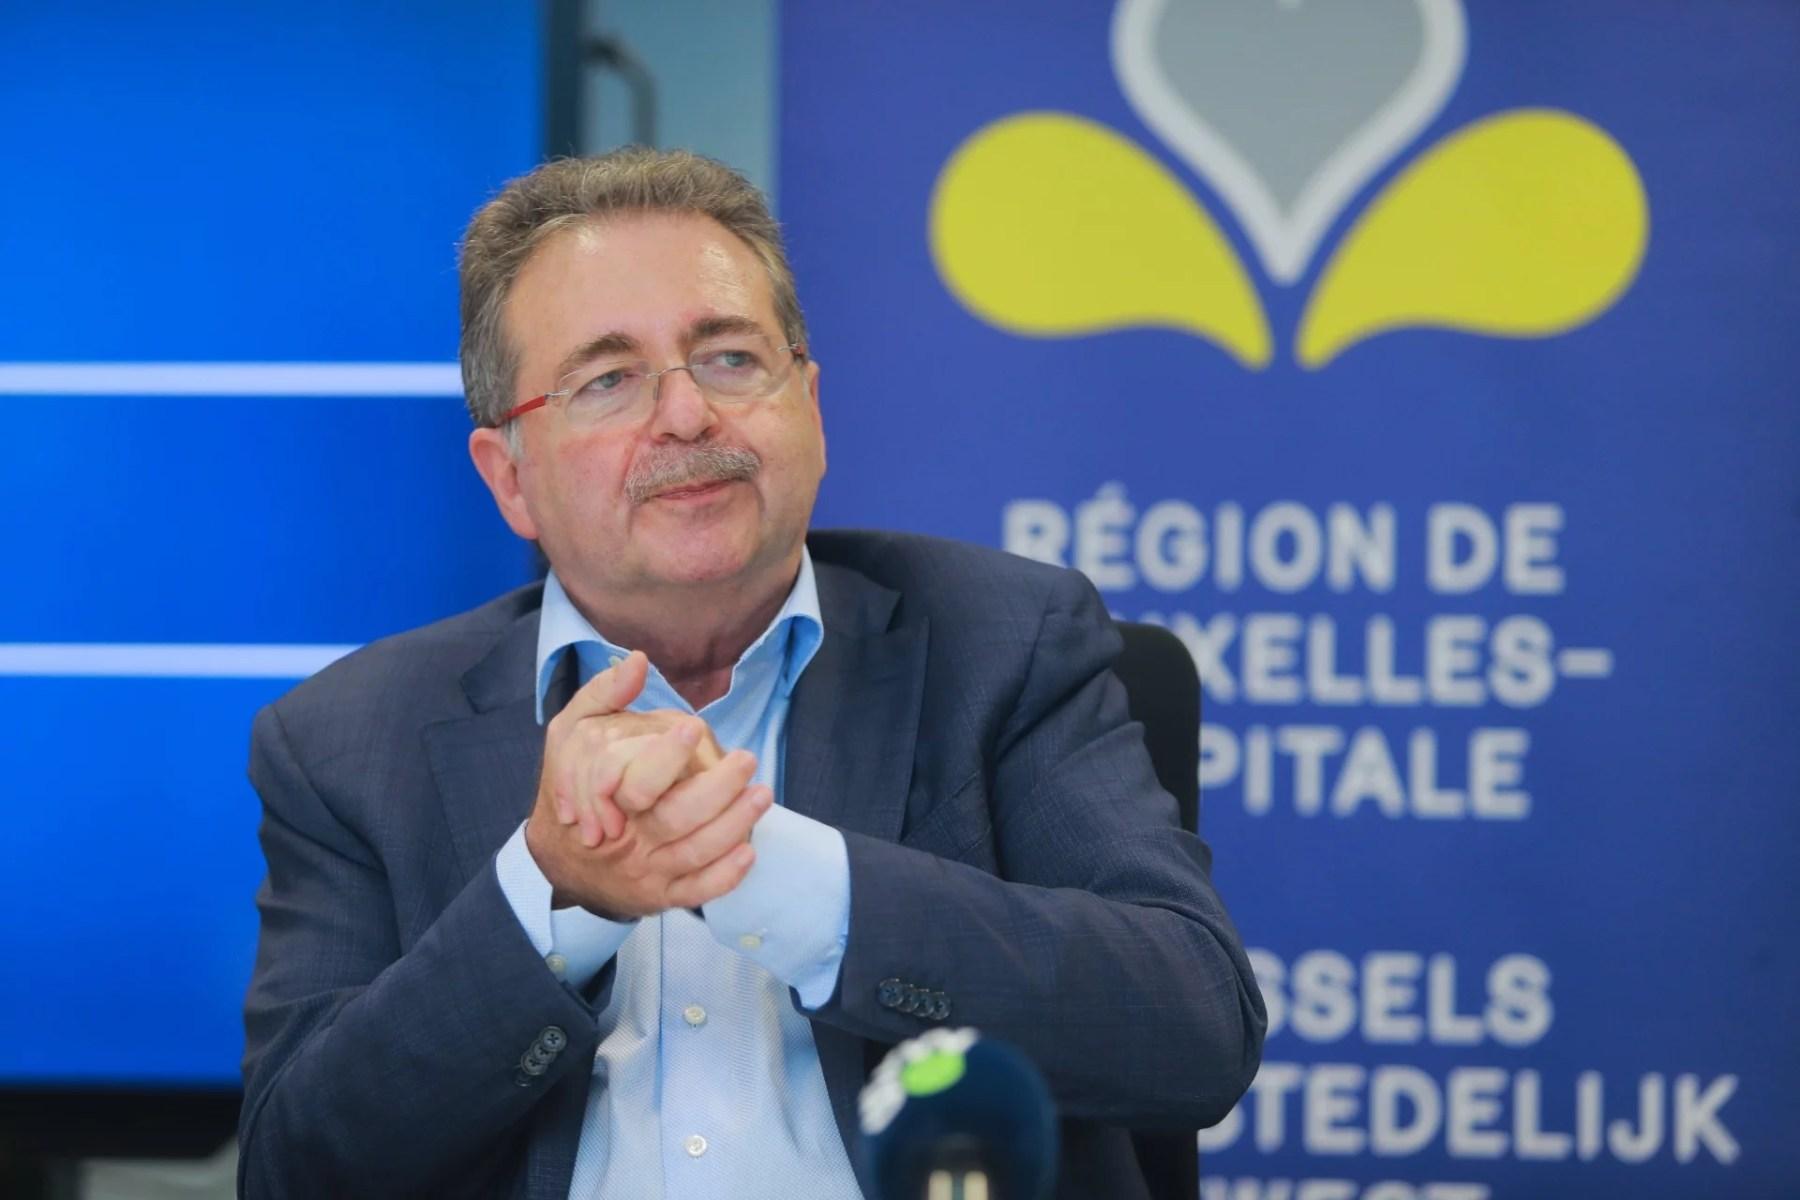 Plus personne ne prend encore le ministre-président bruxellois au sérieux